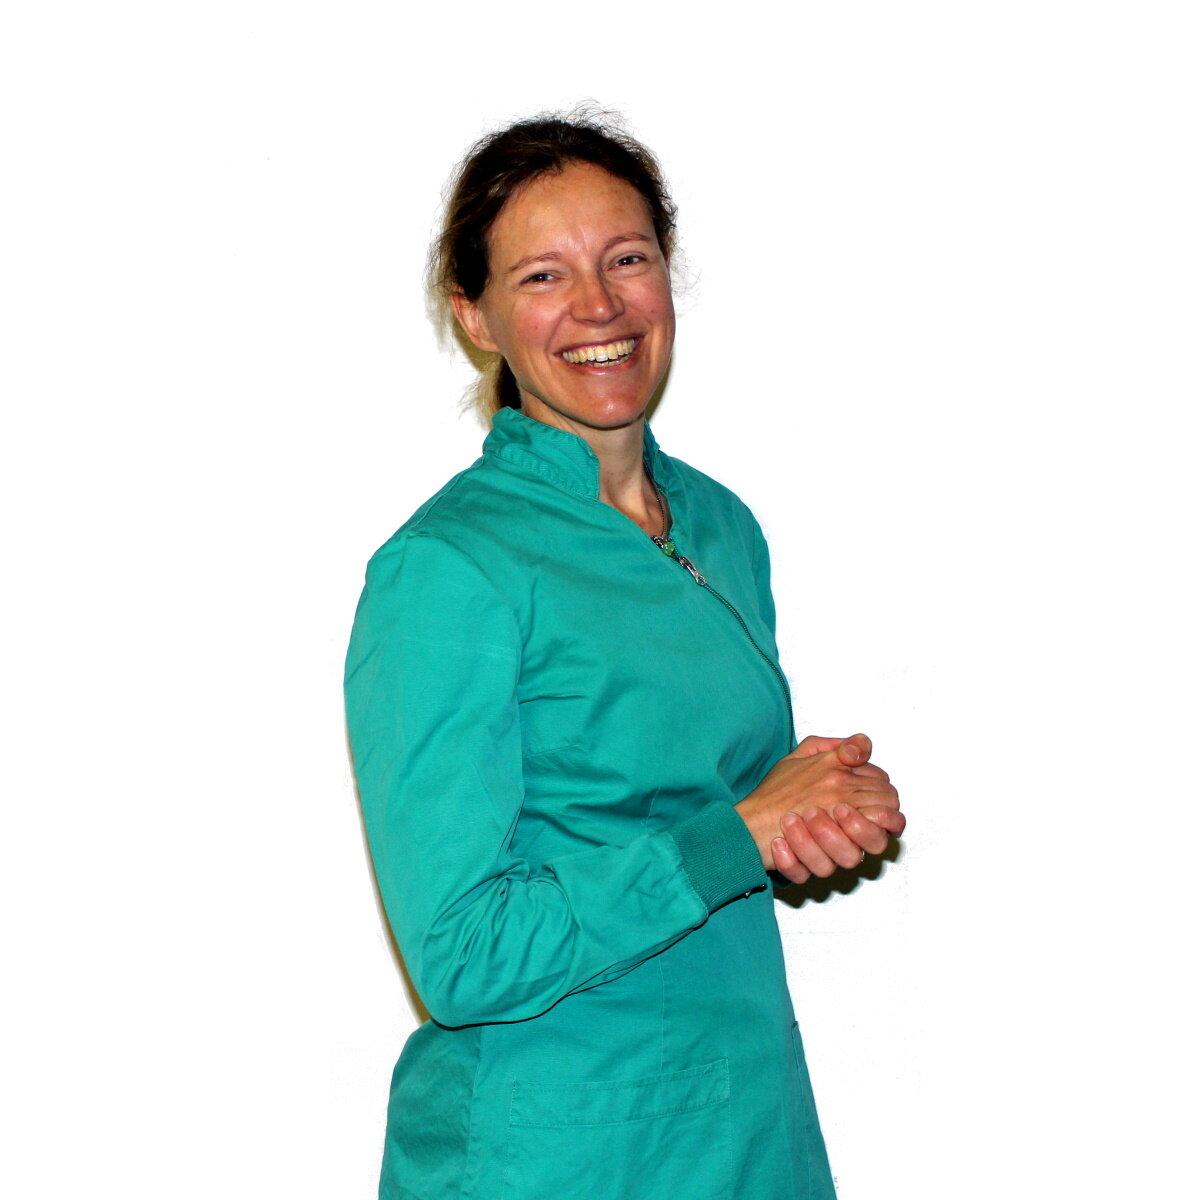 Dierenarts Anne-Marie van Ham